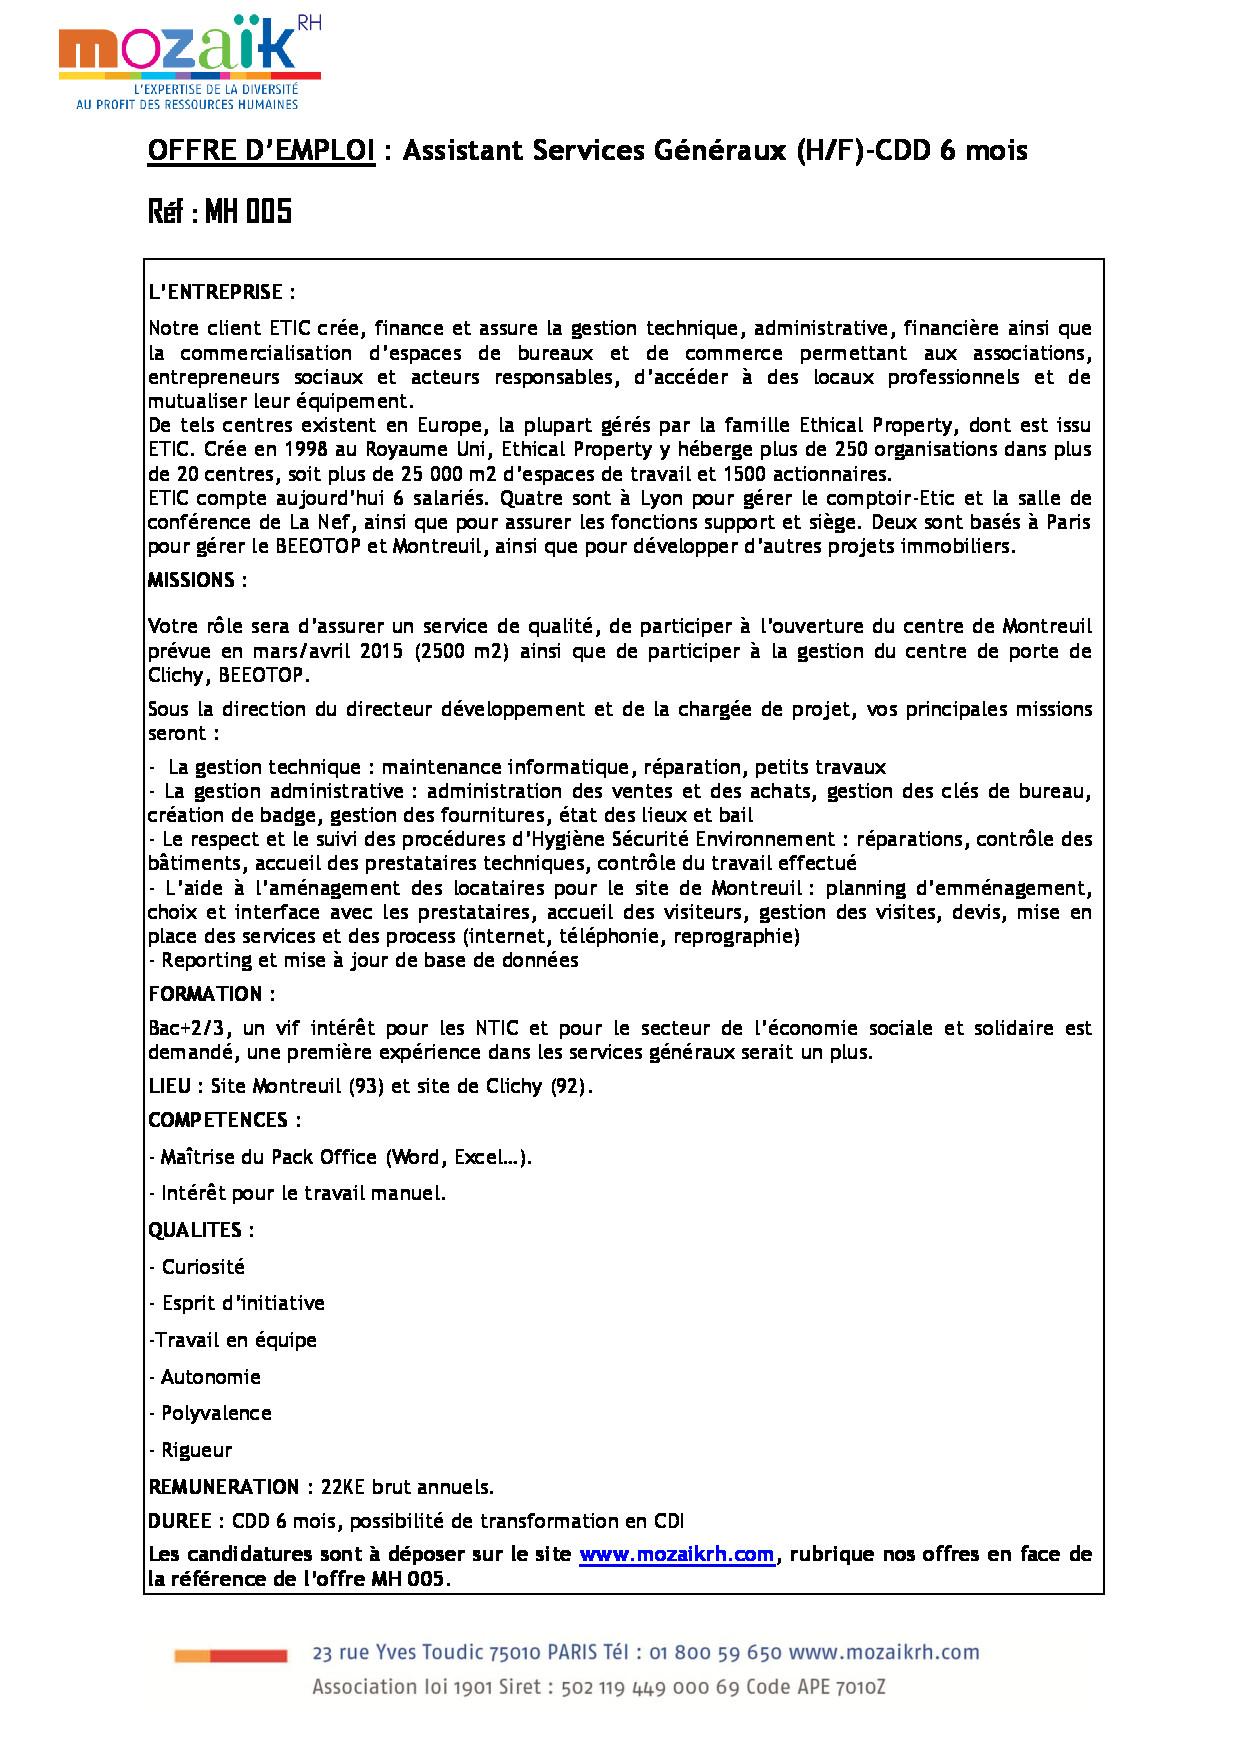 FDP Assistant Services Généraux